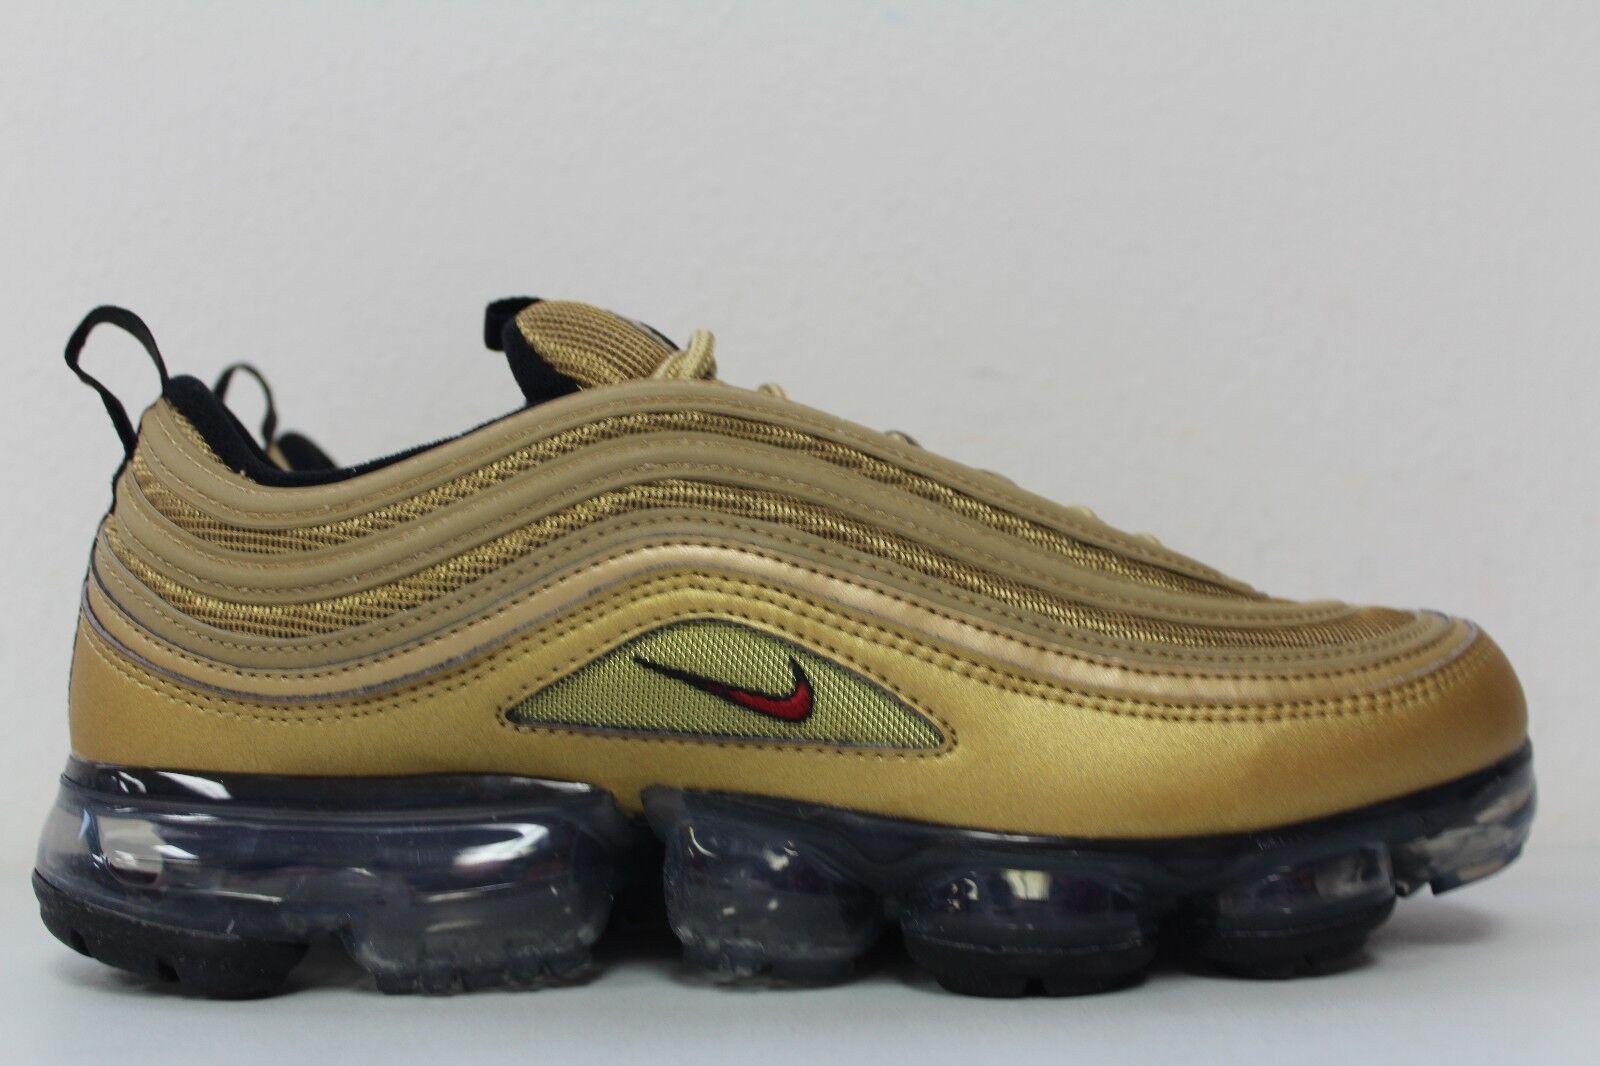 Nike Uomo aria vapormax '97 oro metallico della squadra rossa aj7291-700 numero 9